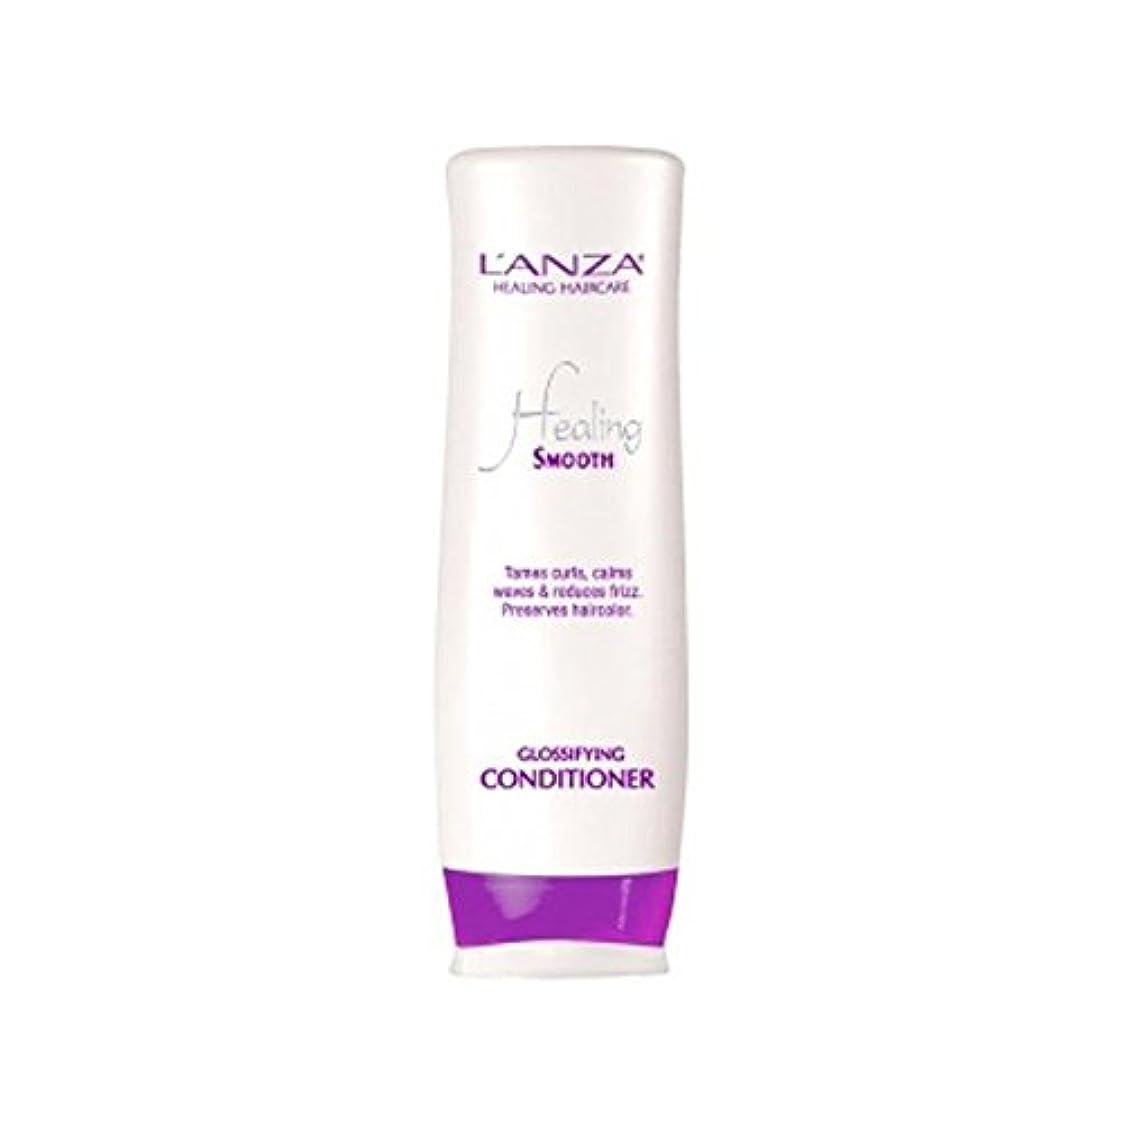 贅沢アンケート知覚できるL'Anza Healing Smooth Glossifying Conditioner (250ml) (Pack of 6) - スムーズなコンディショナーを癒し'アンザ(250ミリリットル) x6 [並行輸入品]